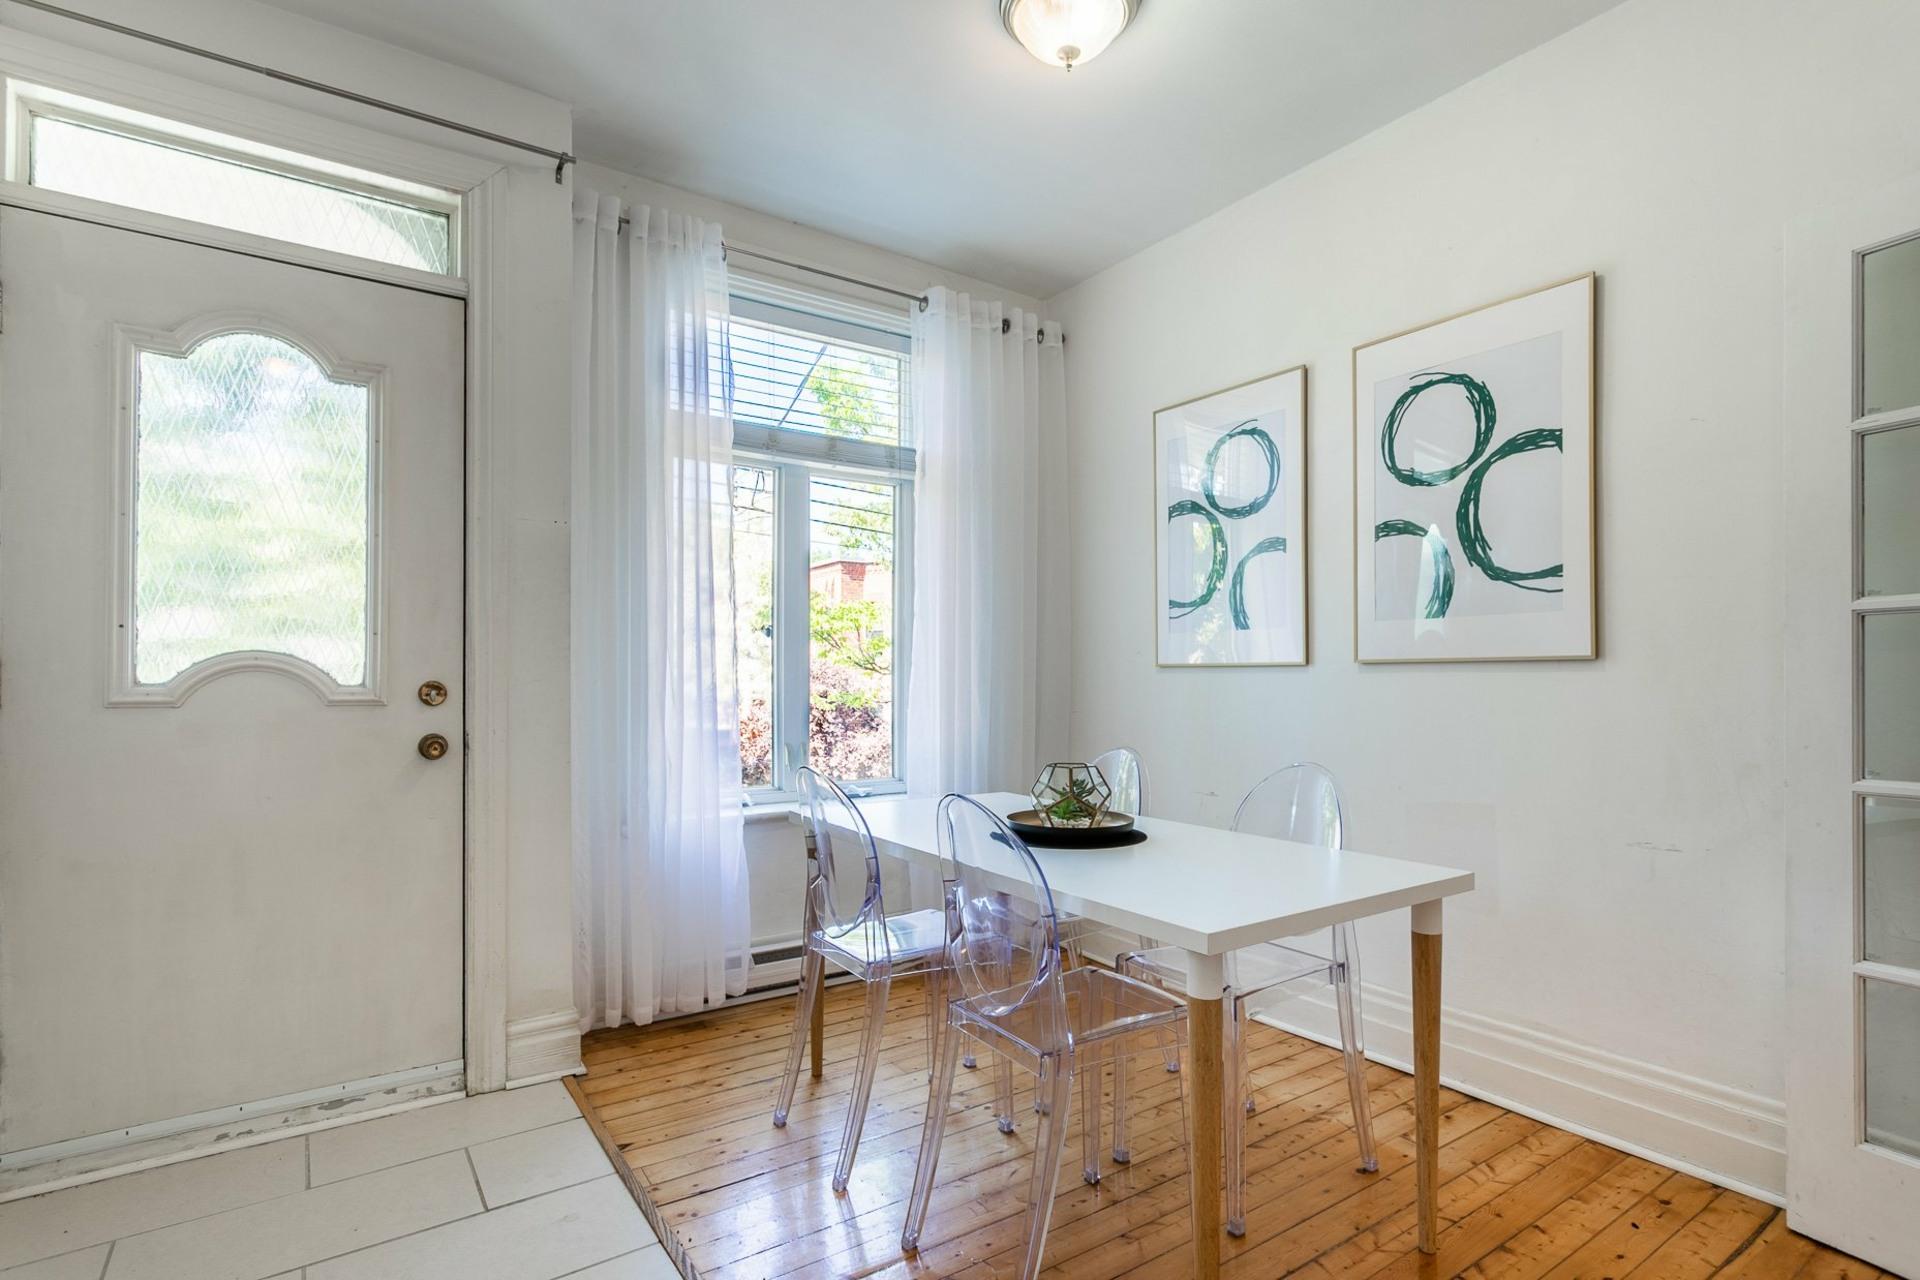 image 5 - Appartement À vendre Le Plateau-Mont-Royal Montréal  - 4 pièces